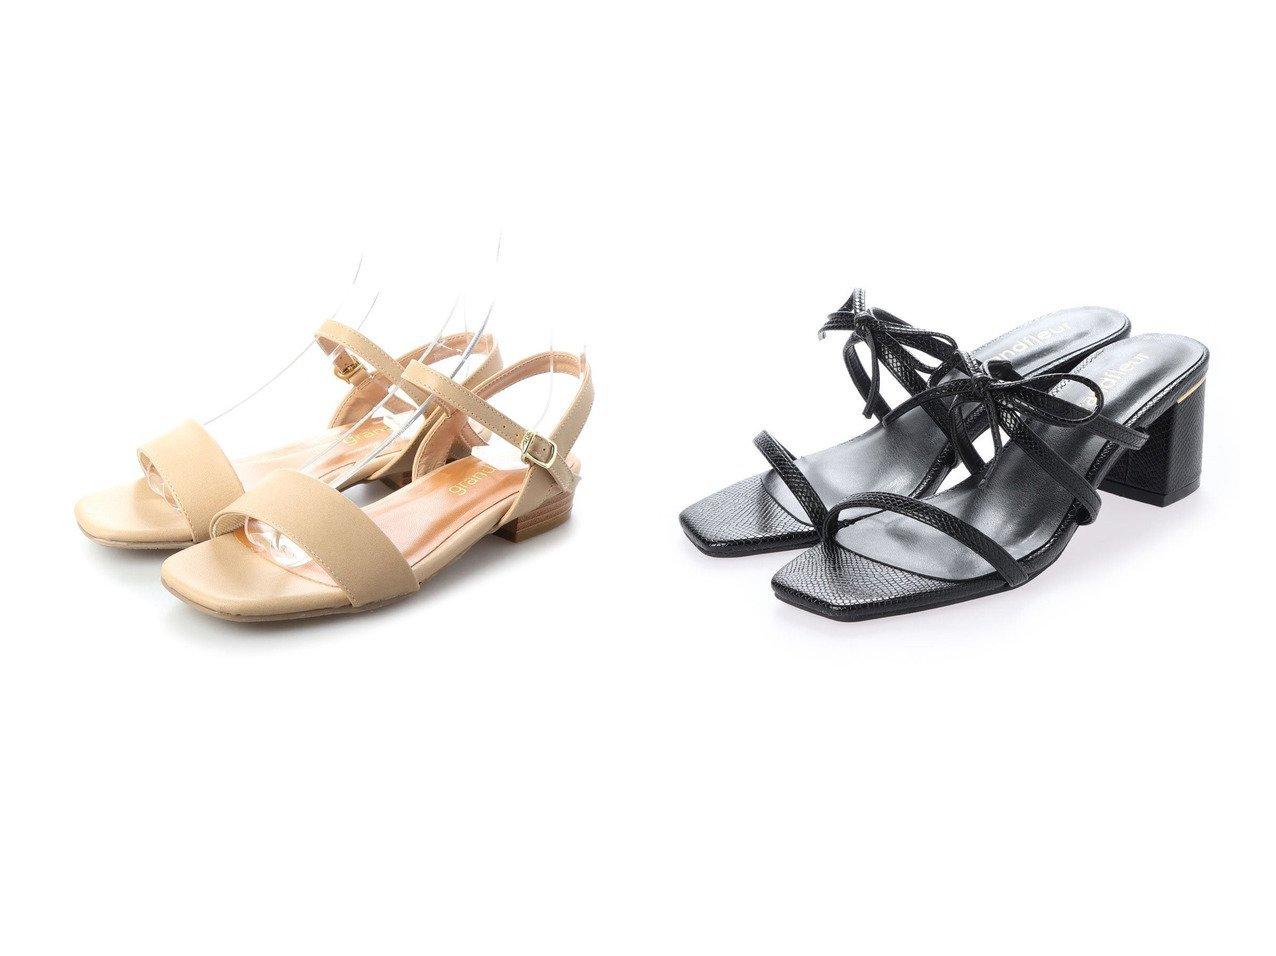 【grandfleur/グランドフルール】のスクエアトゥローヒールサンダル&スクエアトゥの華奢リボン付きヒールキャップサンダル シューズ・靴のおすすめ!人気、トレンド・レディースファッションの通販 おすすめで人気の流行・トレンド、ファッションの通販商品 メンズファッション・キッズファッション・インテリア・家具・レディースファッション・服の通販 founy(ファニー) https://founy.com/ ファッション Fashion レディースファッション WOMEN 2020年 2020 2020 春夏 S/S SS Spring/Summer 2020 S/S 春夏 SS Spring/Summer クール フィット ベーシック 春 Spring |ID:crp329100000022557